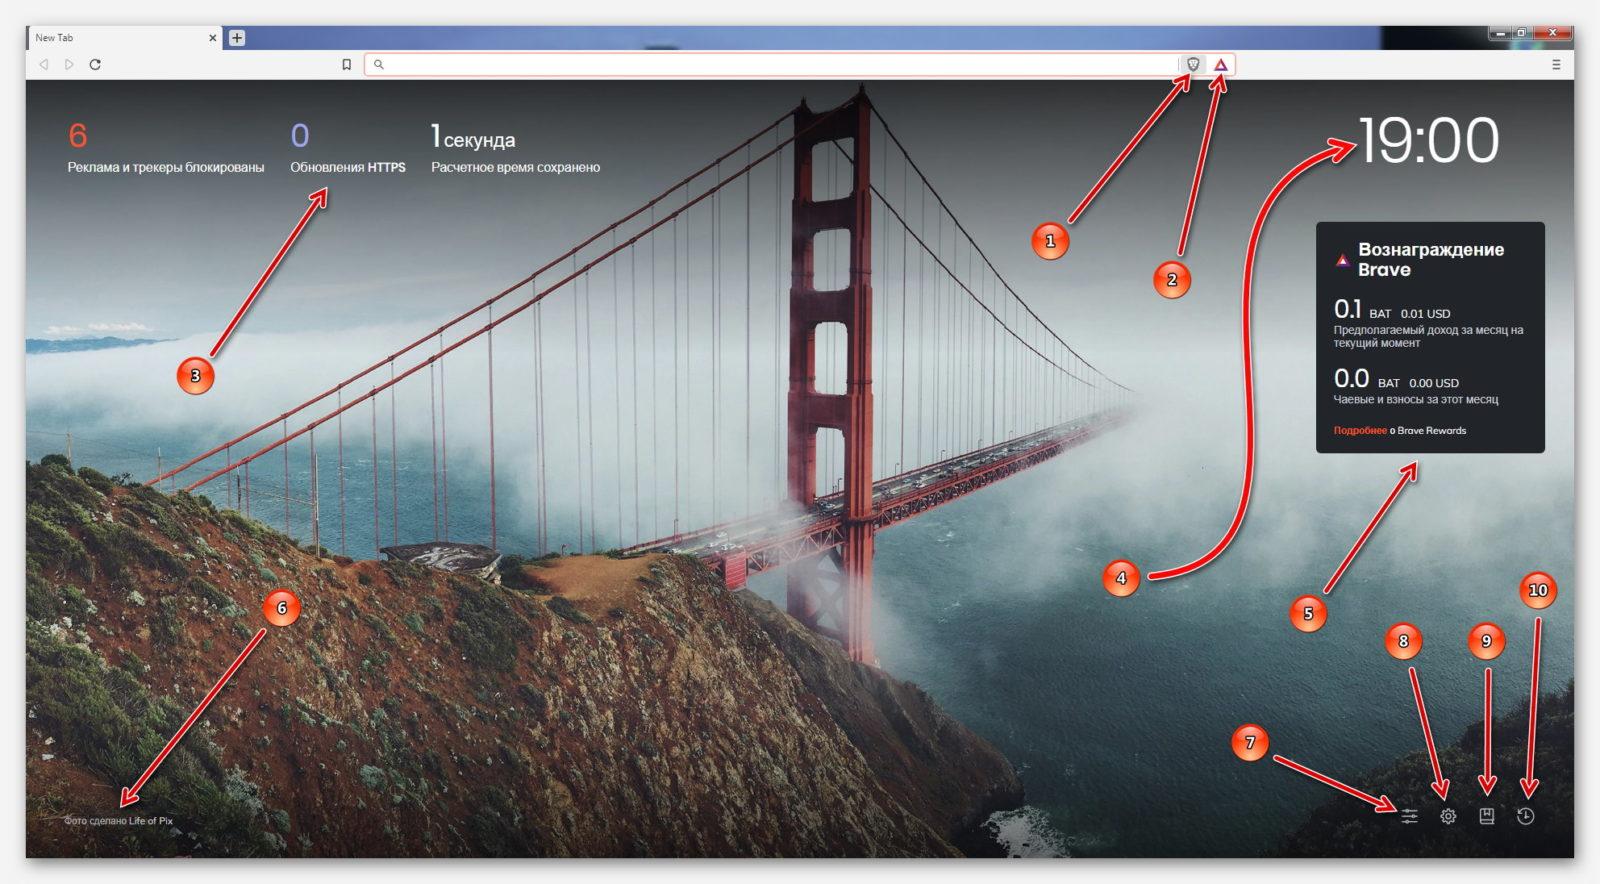 Обзор главной панели в браузере Brave